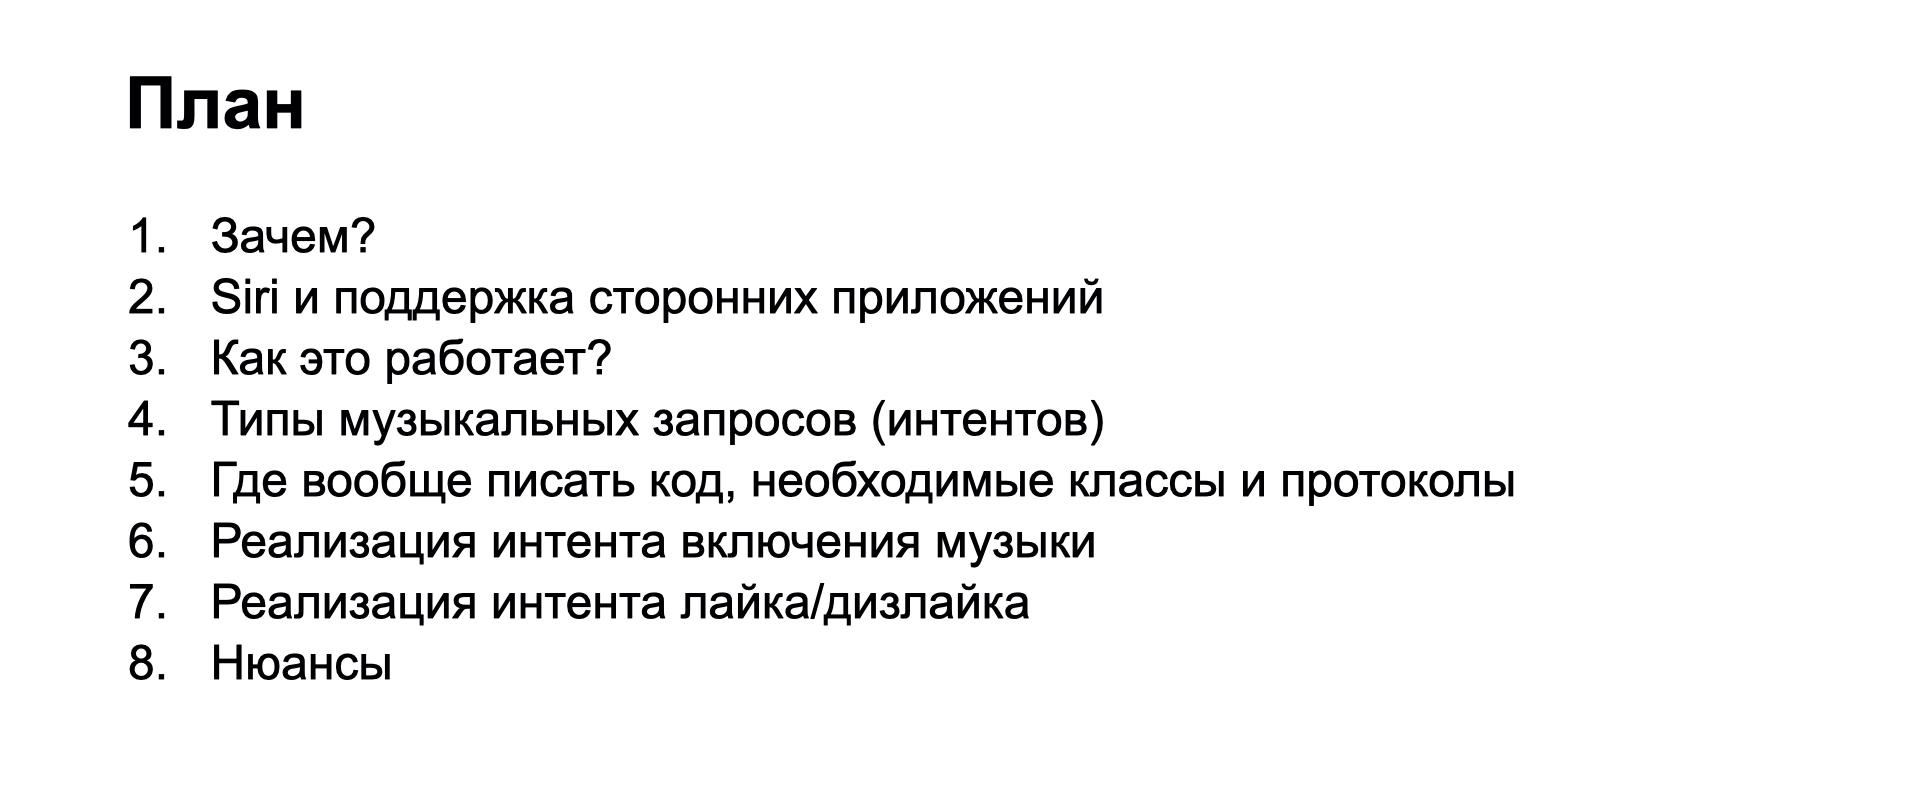 Как мы интегрировали Яндекс.Музыку с Siri. Доклад Яндекса